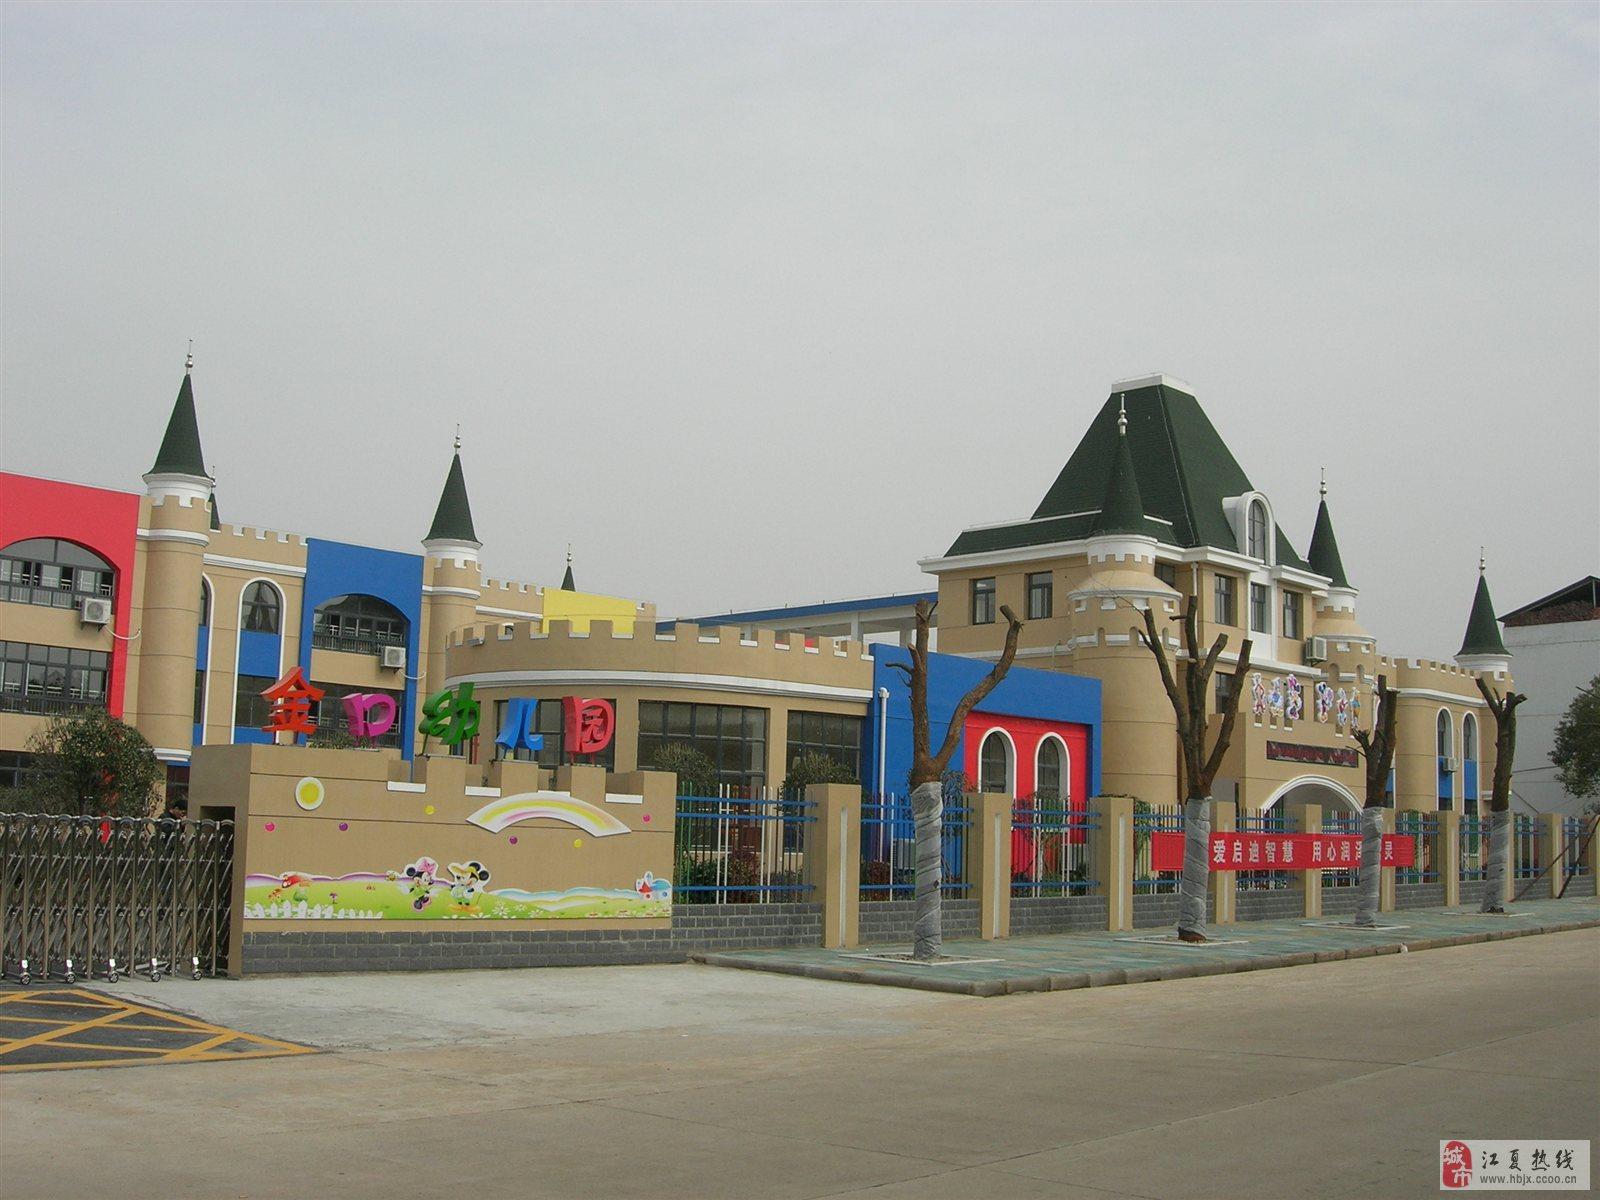 一座城堡式幼儿园——金口中心幼儿园开园了